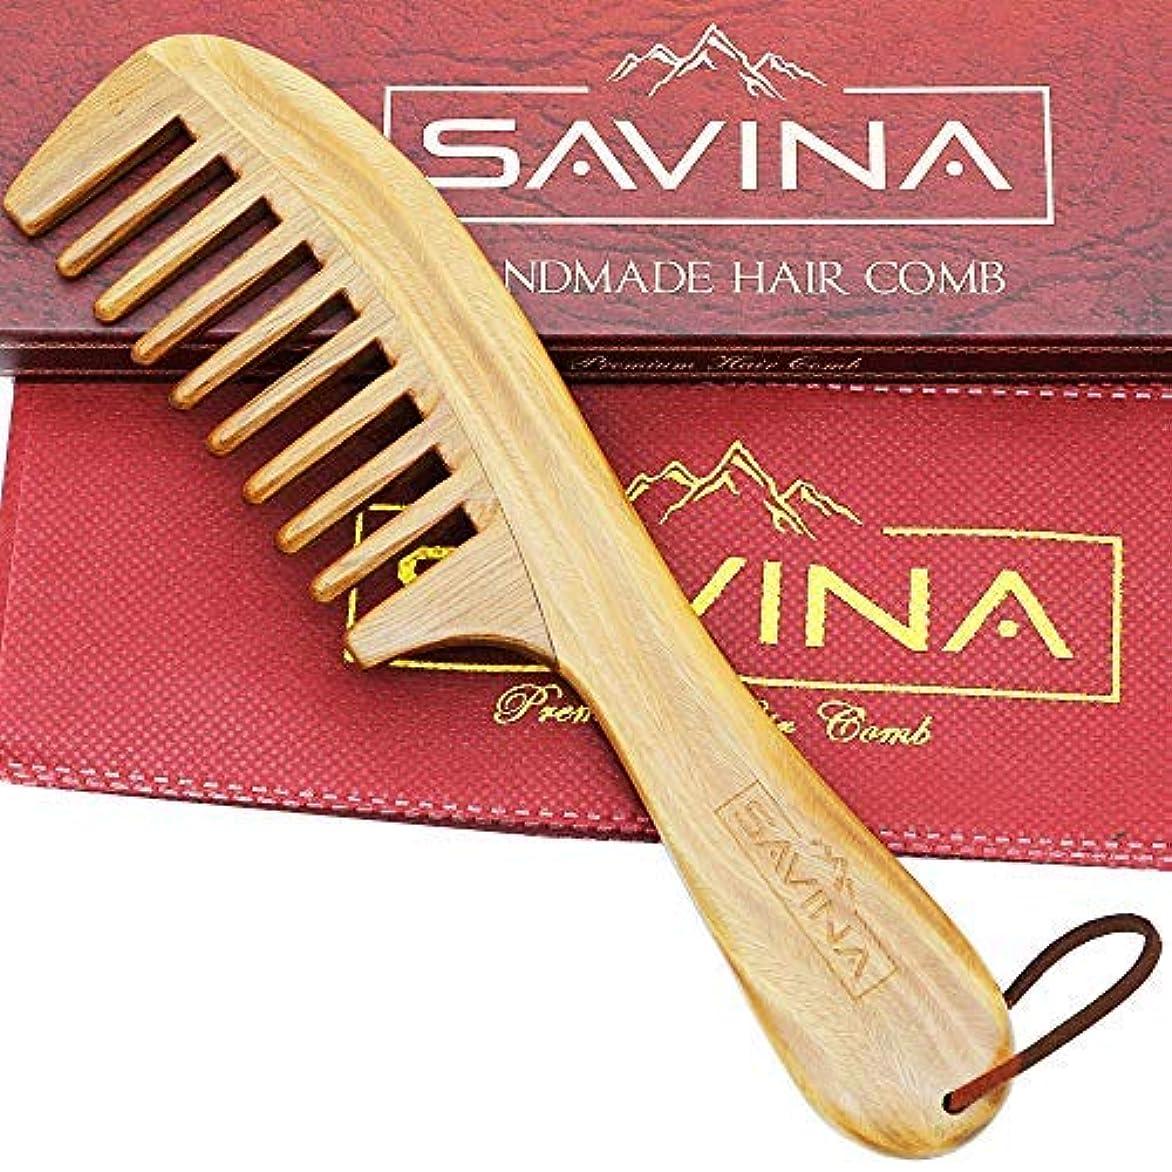 ランダムジュニア味付けWooden Comb - 8.6 inch Wide Tooth Wood Comb for Thick, Curly Hair by Savina - Anti Static, Reduces Breakage &...